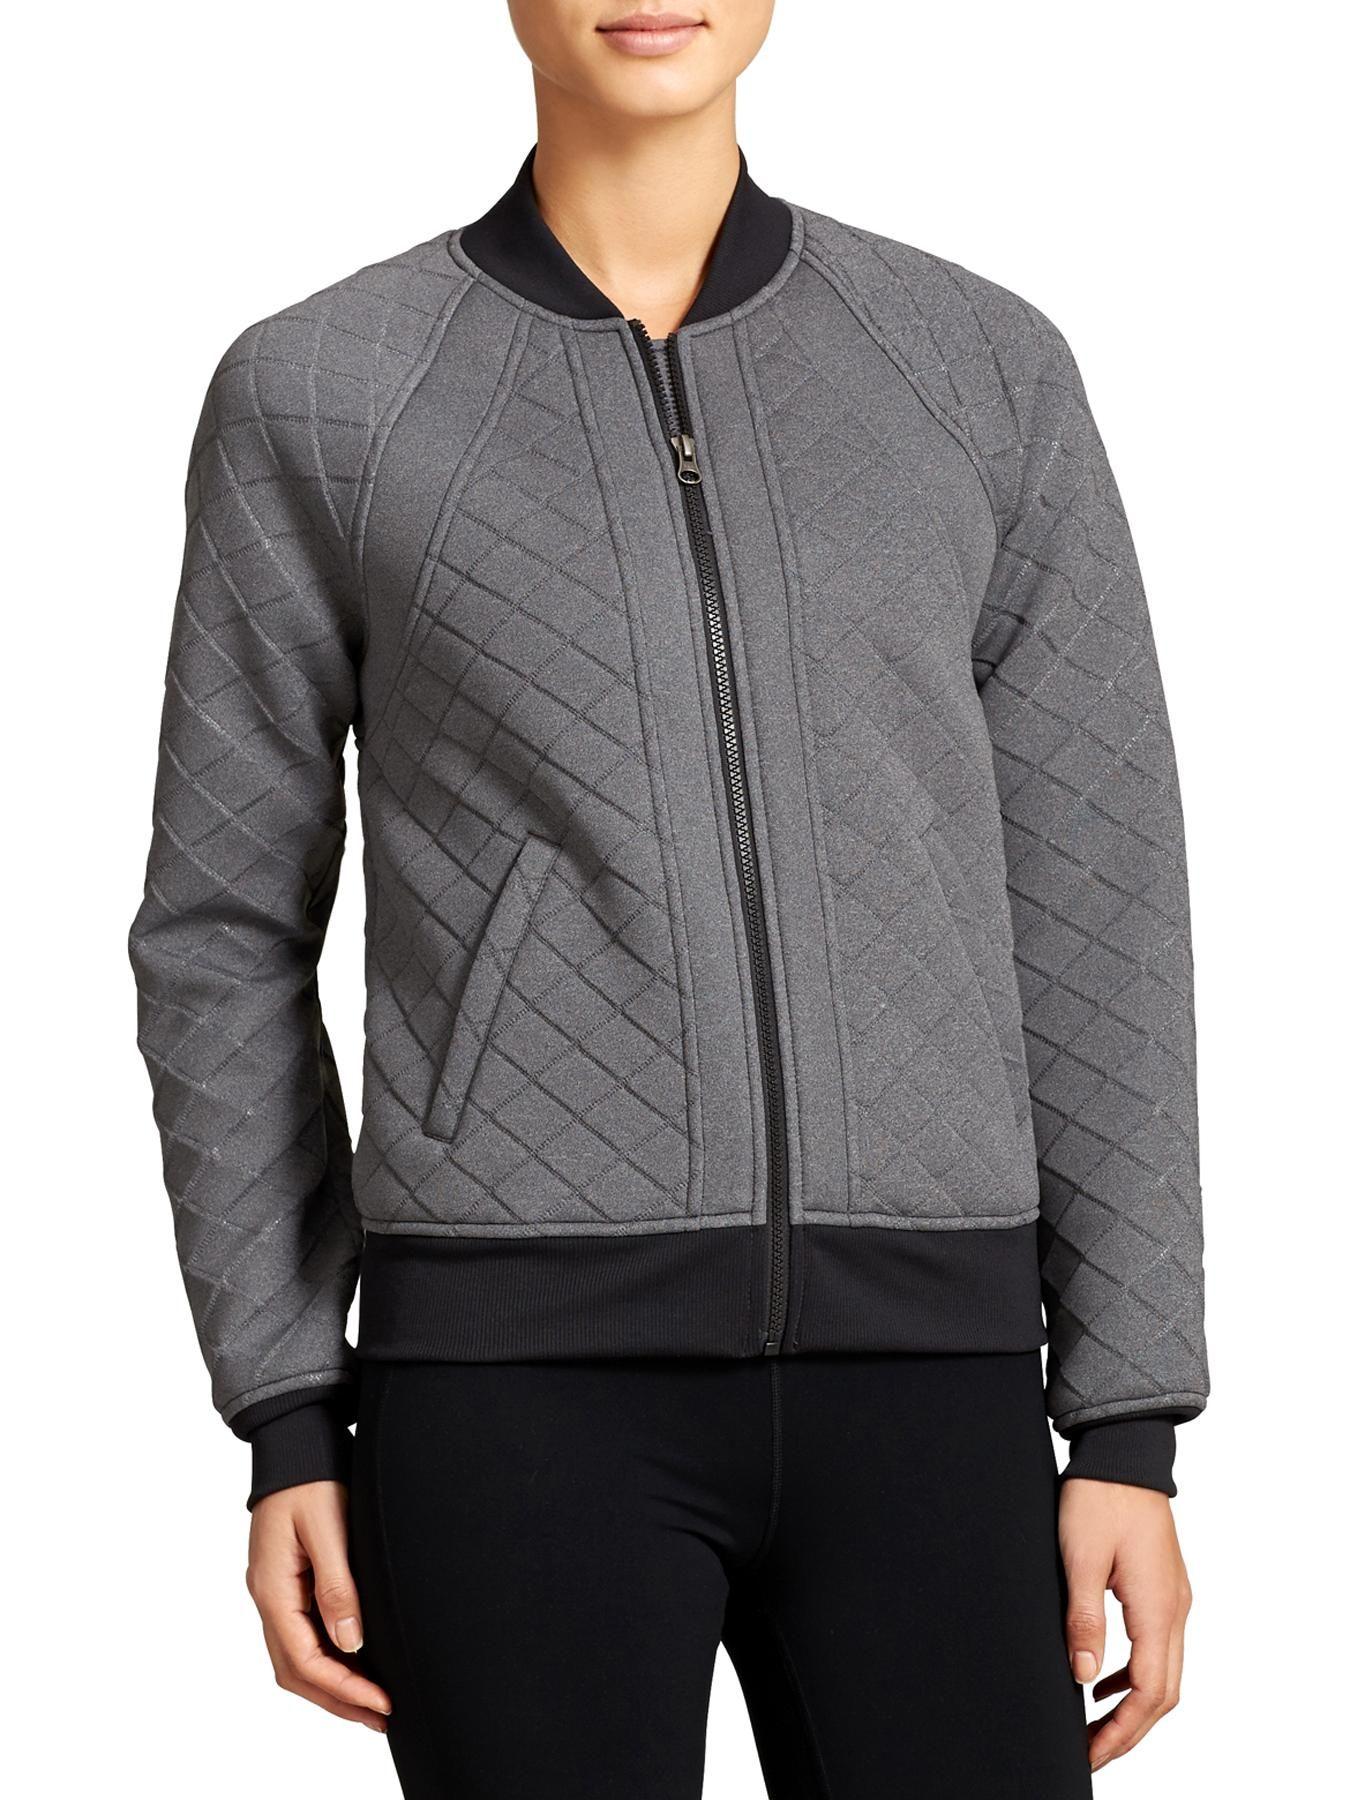 Athleta Jackets Clothes Design Bomber Jacket [ 1800 x 1350 Pixel ]